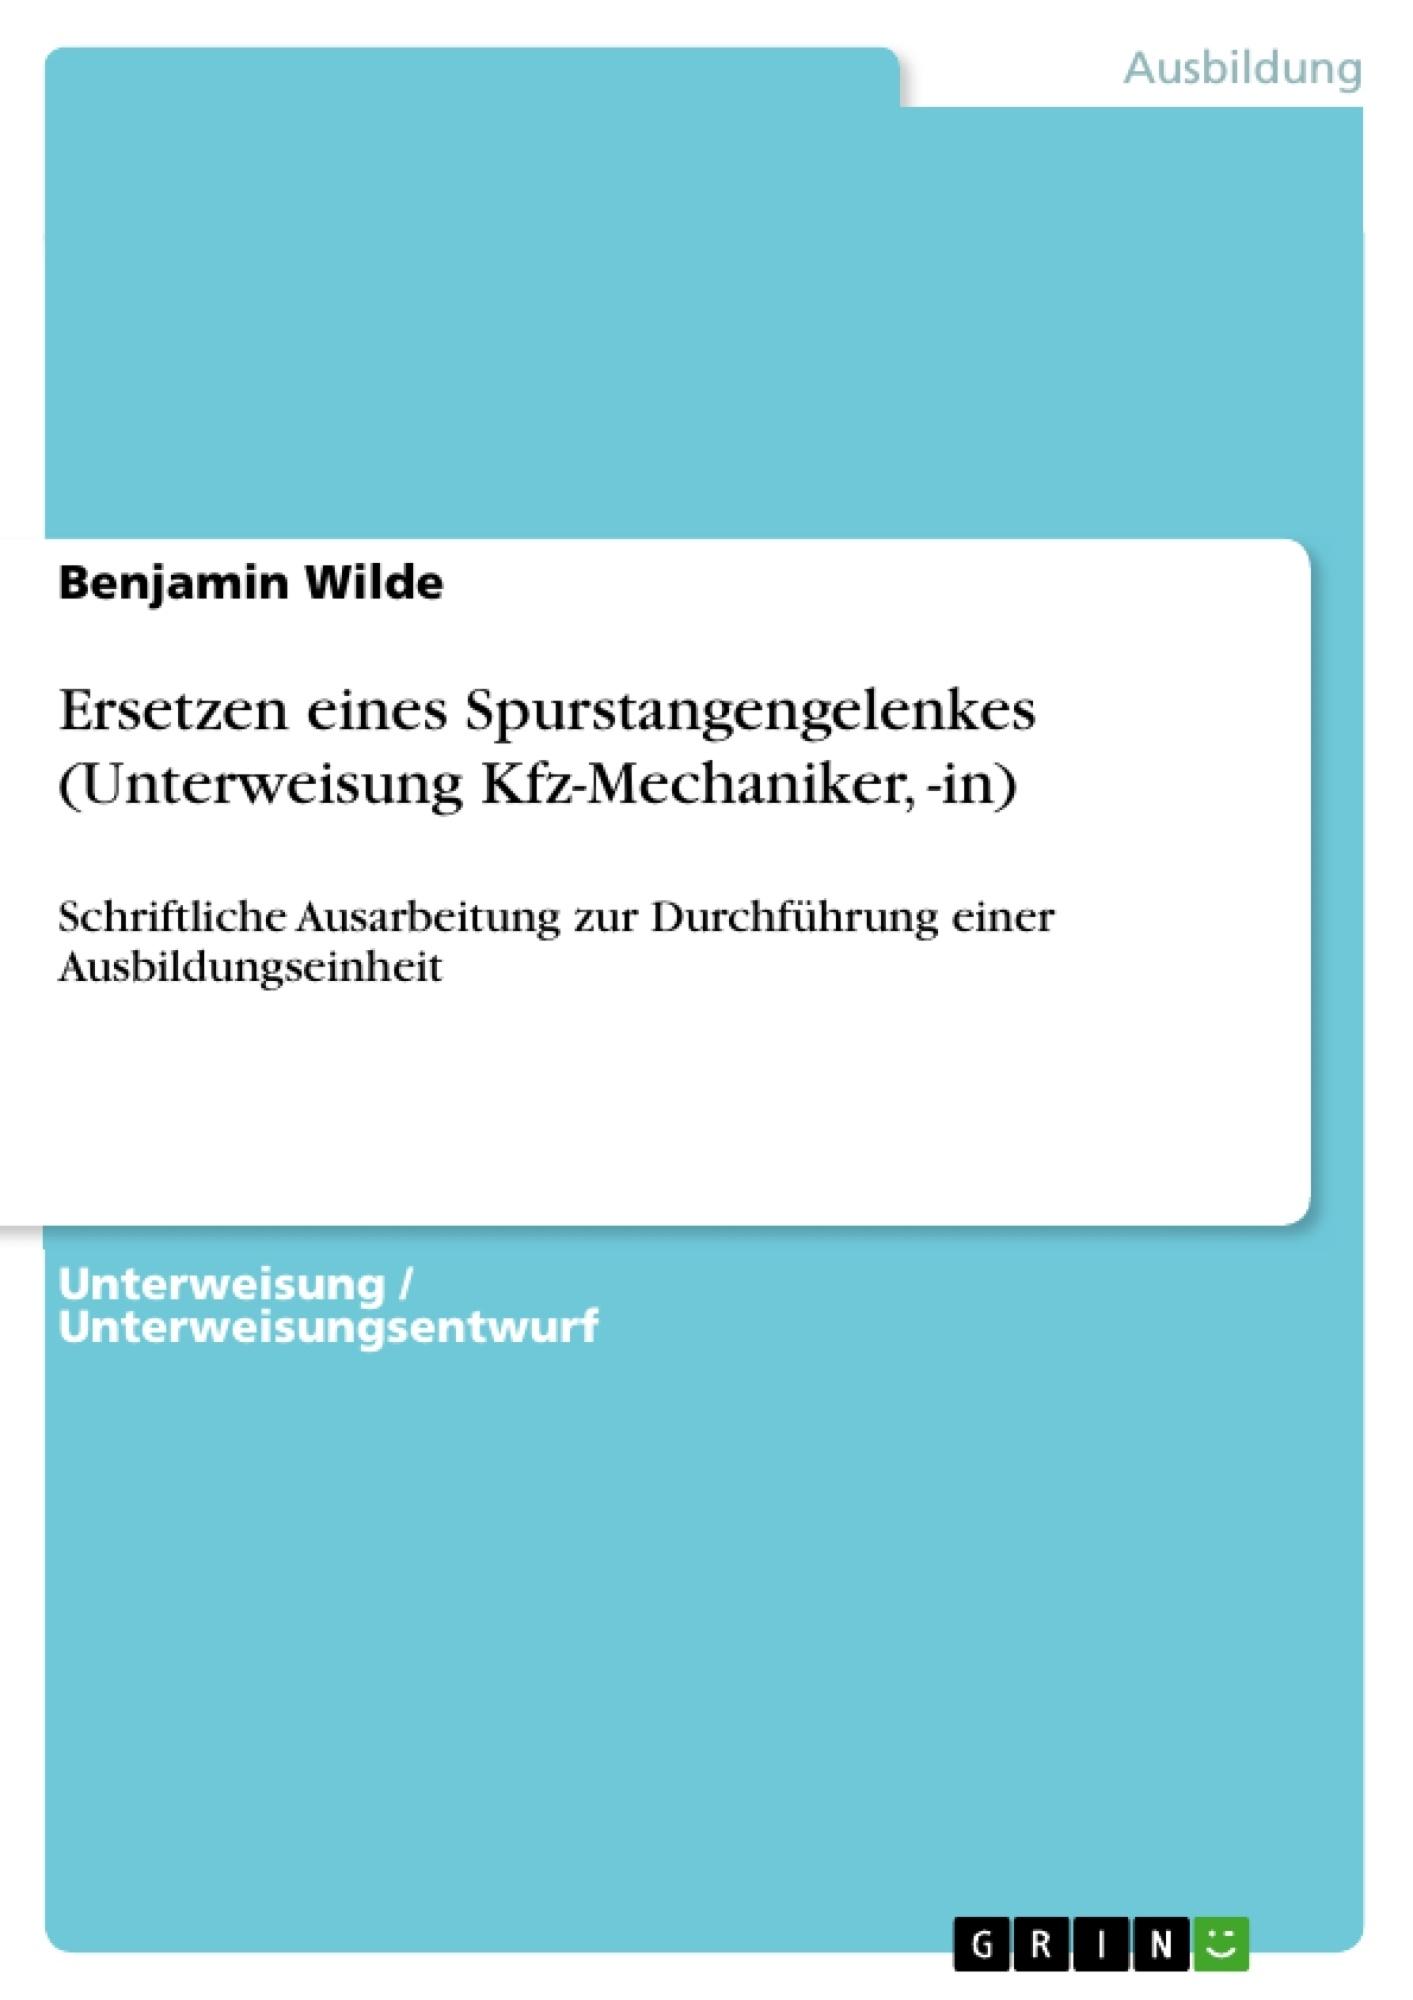 Titel: Ersetzen eines Spurstangengelenkes (Unterweisung Kfz-Mechaniker, -in)